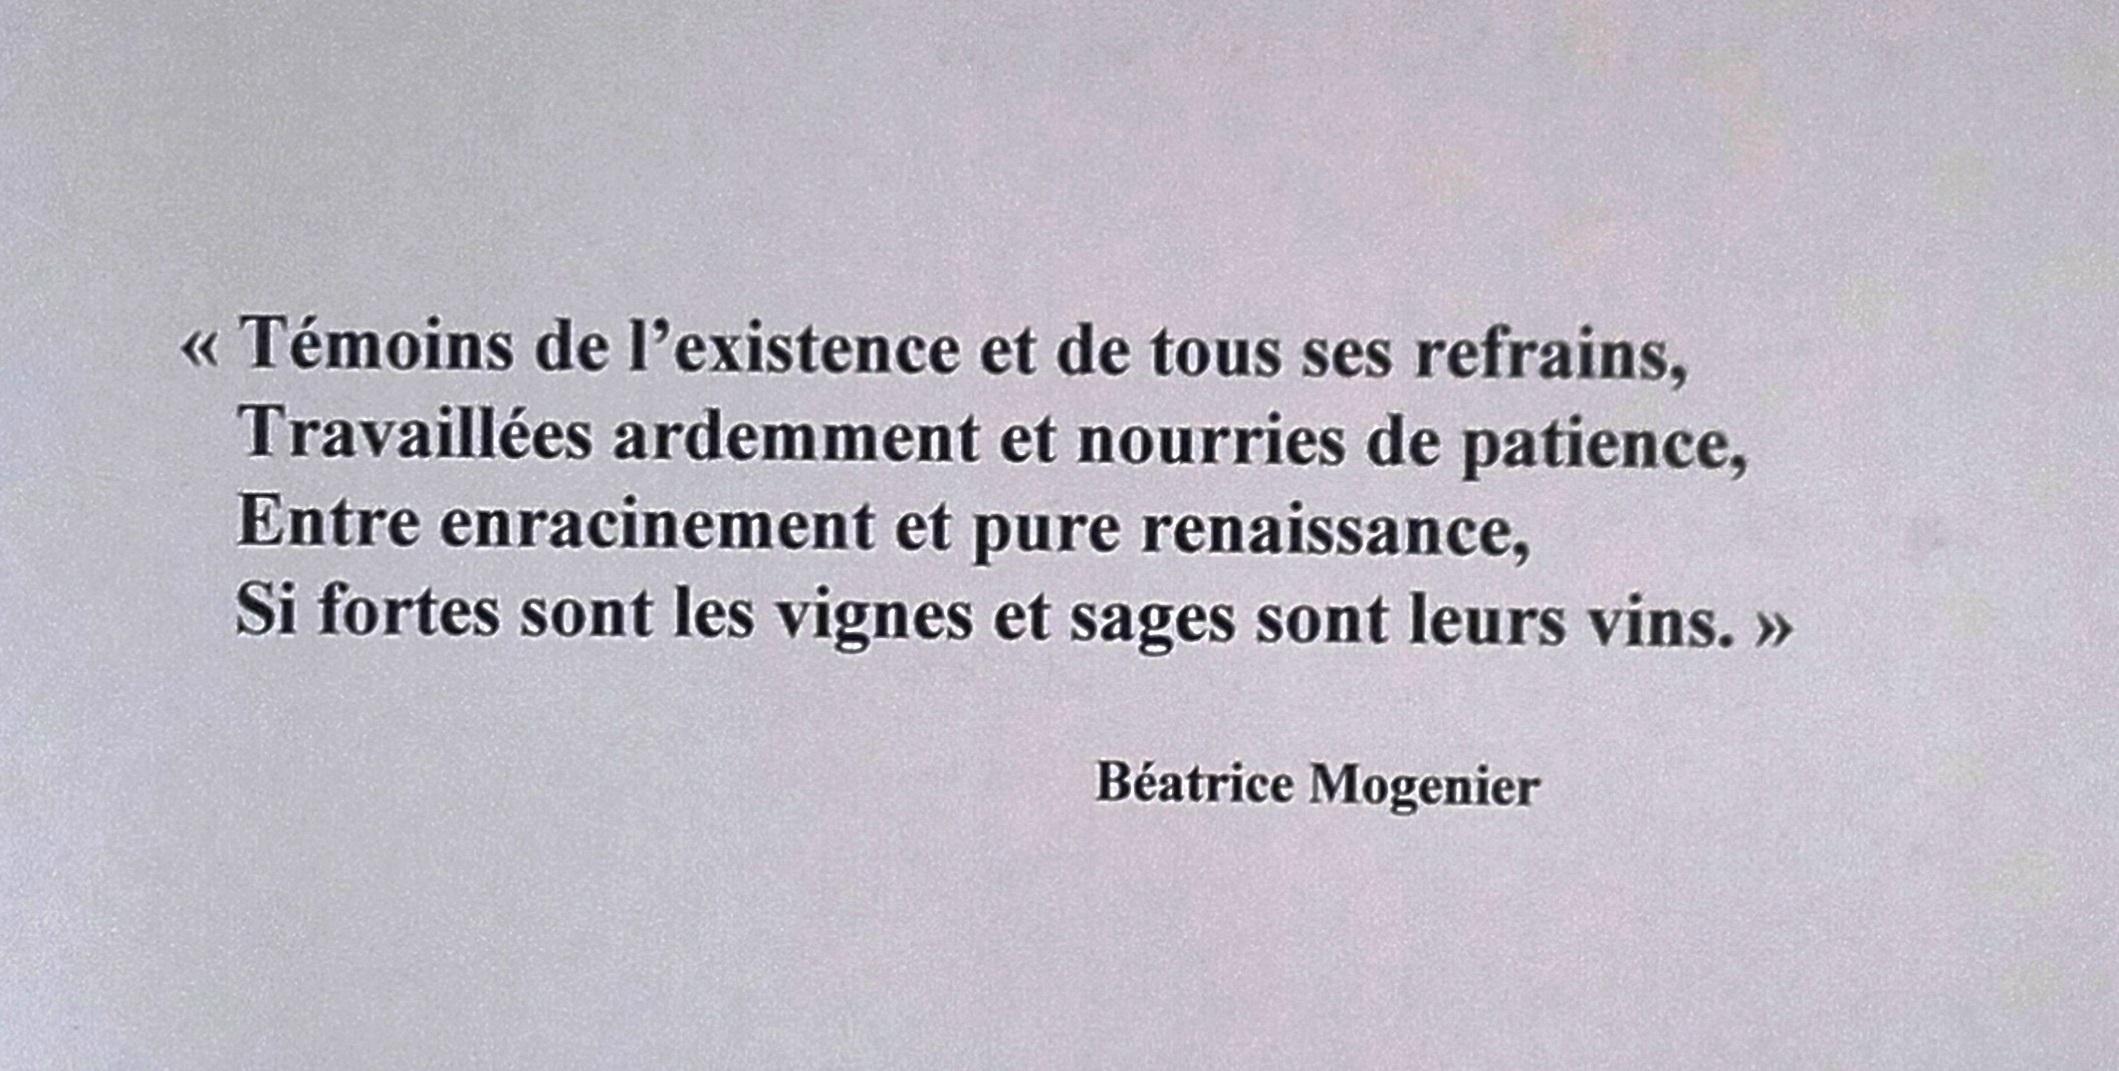 Poème vin Béatrice Mogenier